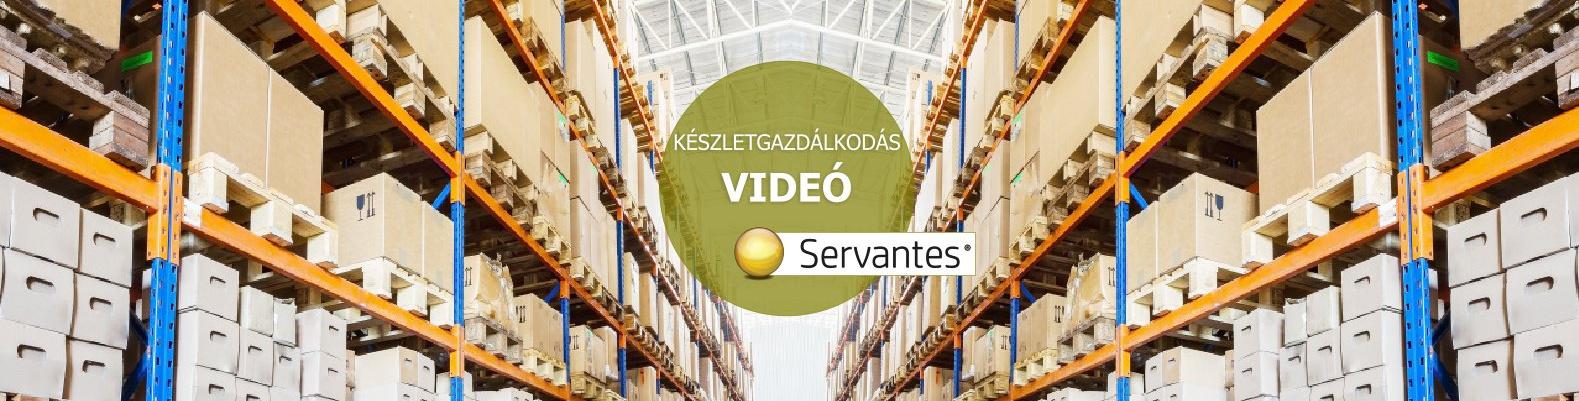 Készletgazdálkodás videó